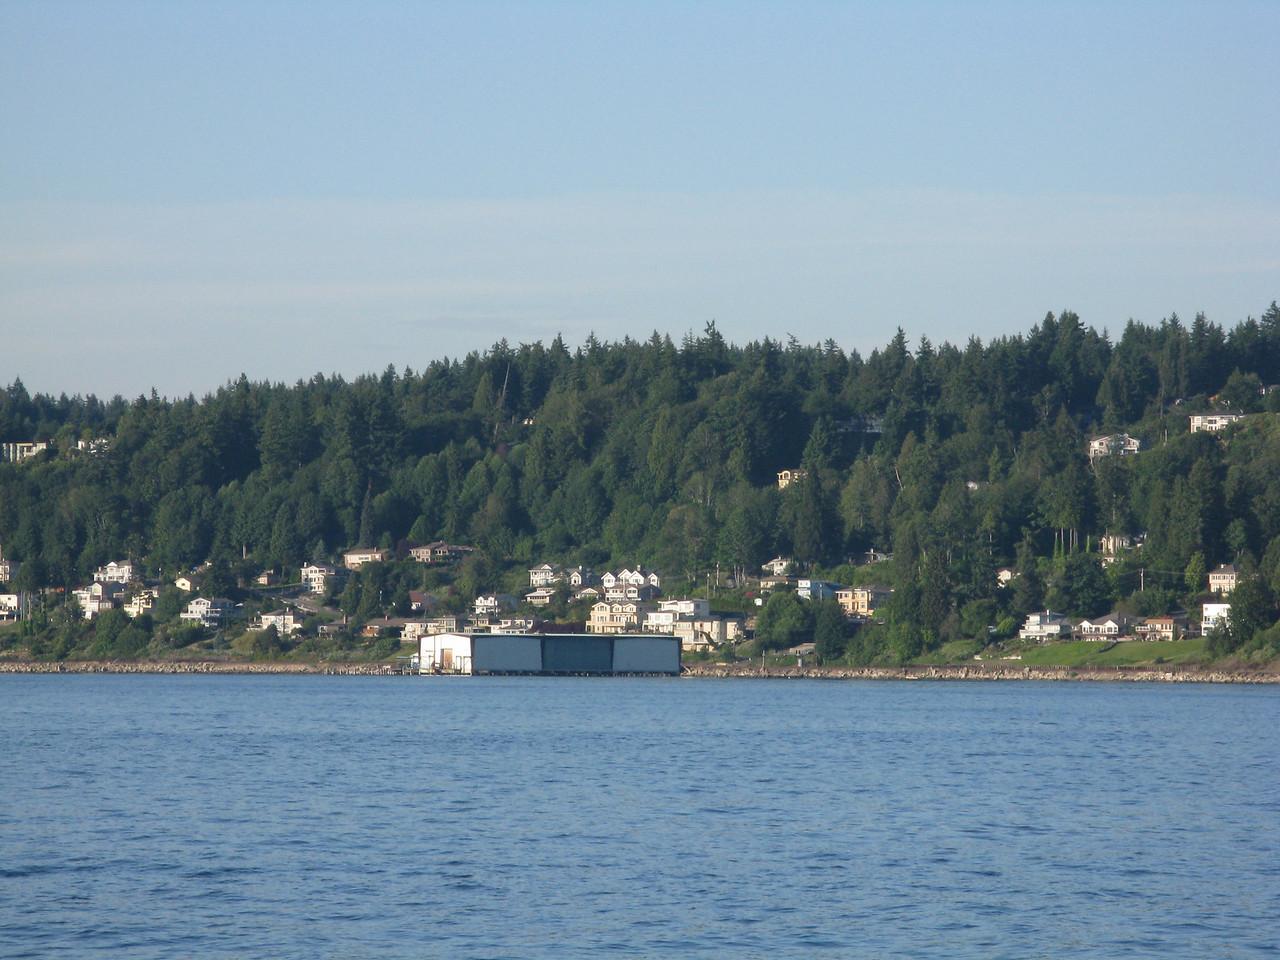 10-06-26 Sail 023